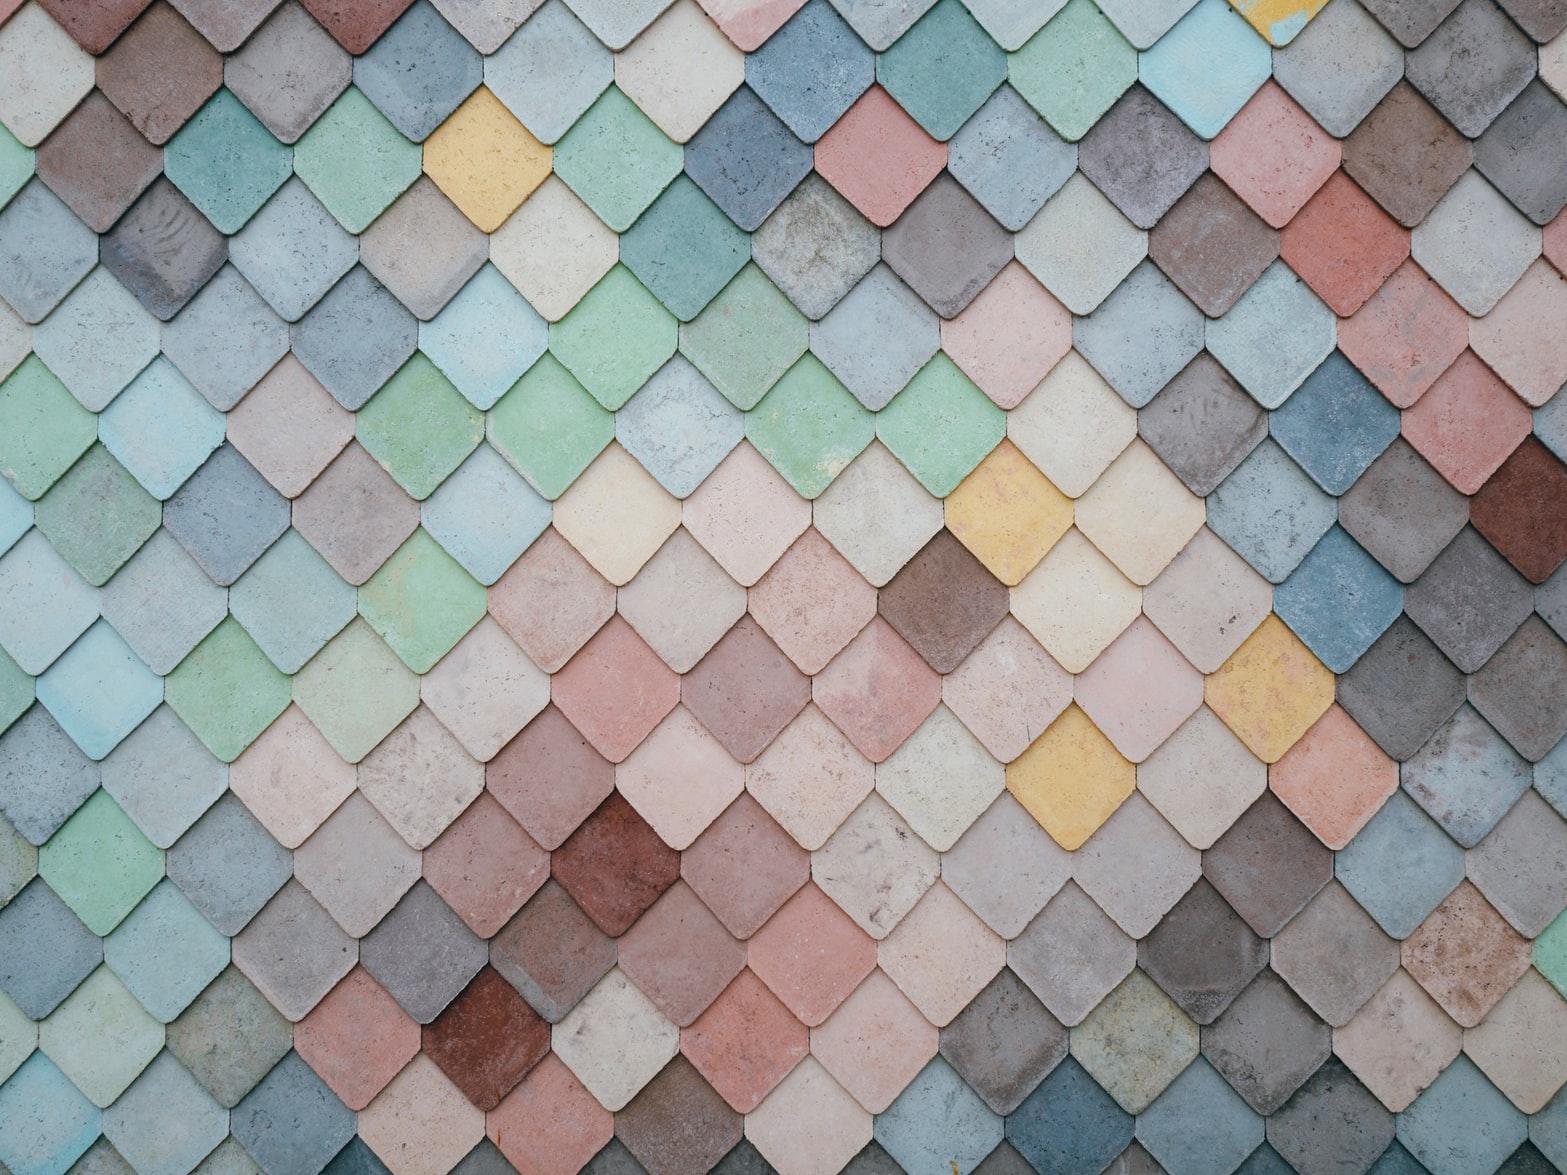 tiles shingles linkedin background